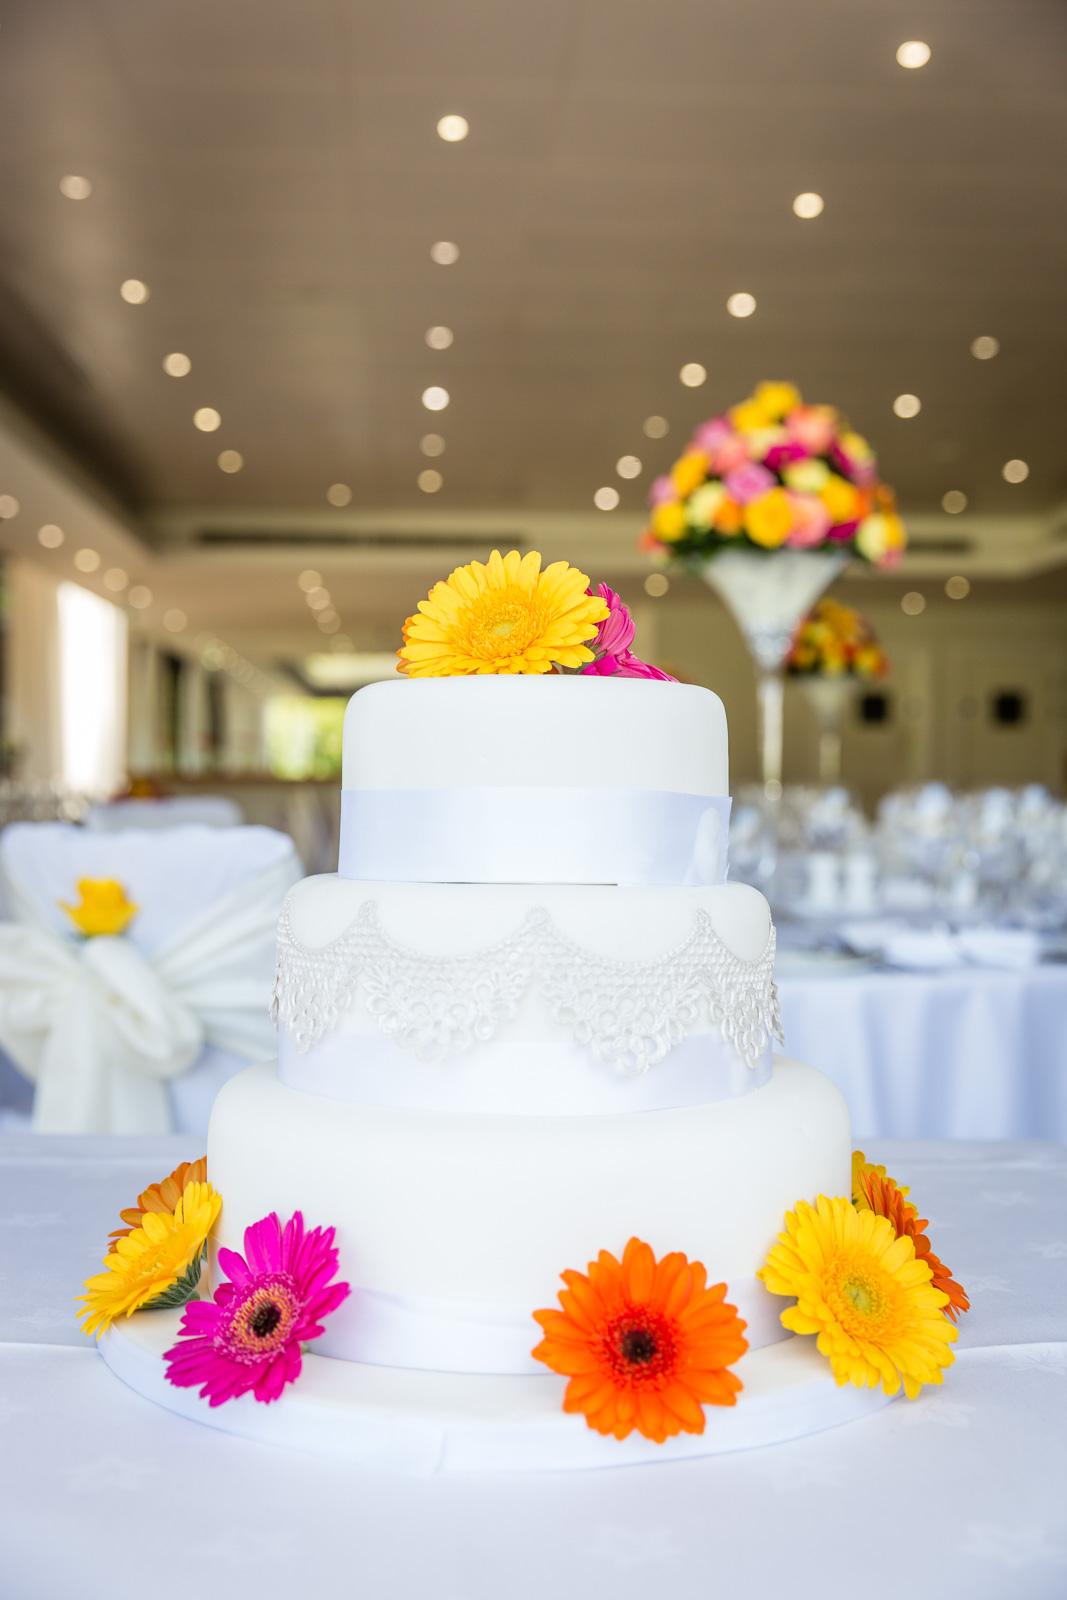 Lensbury wedding venue